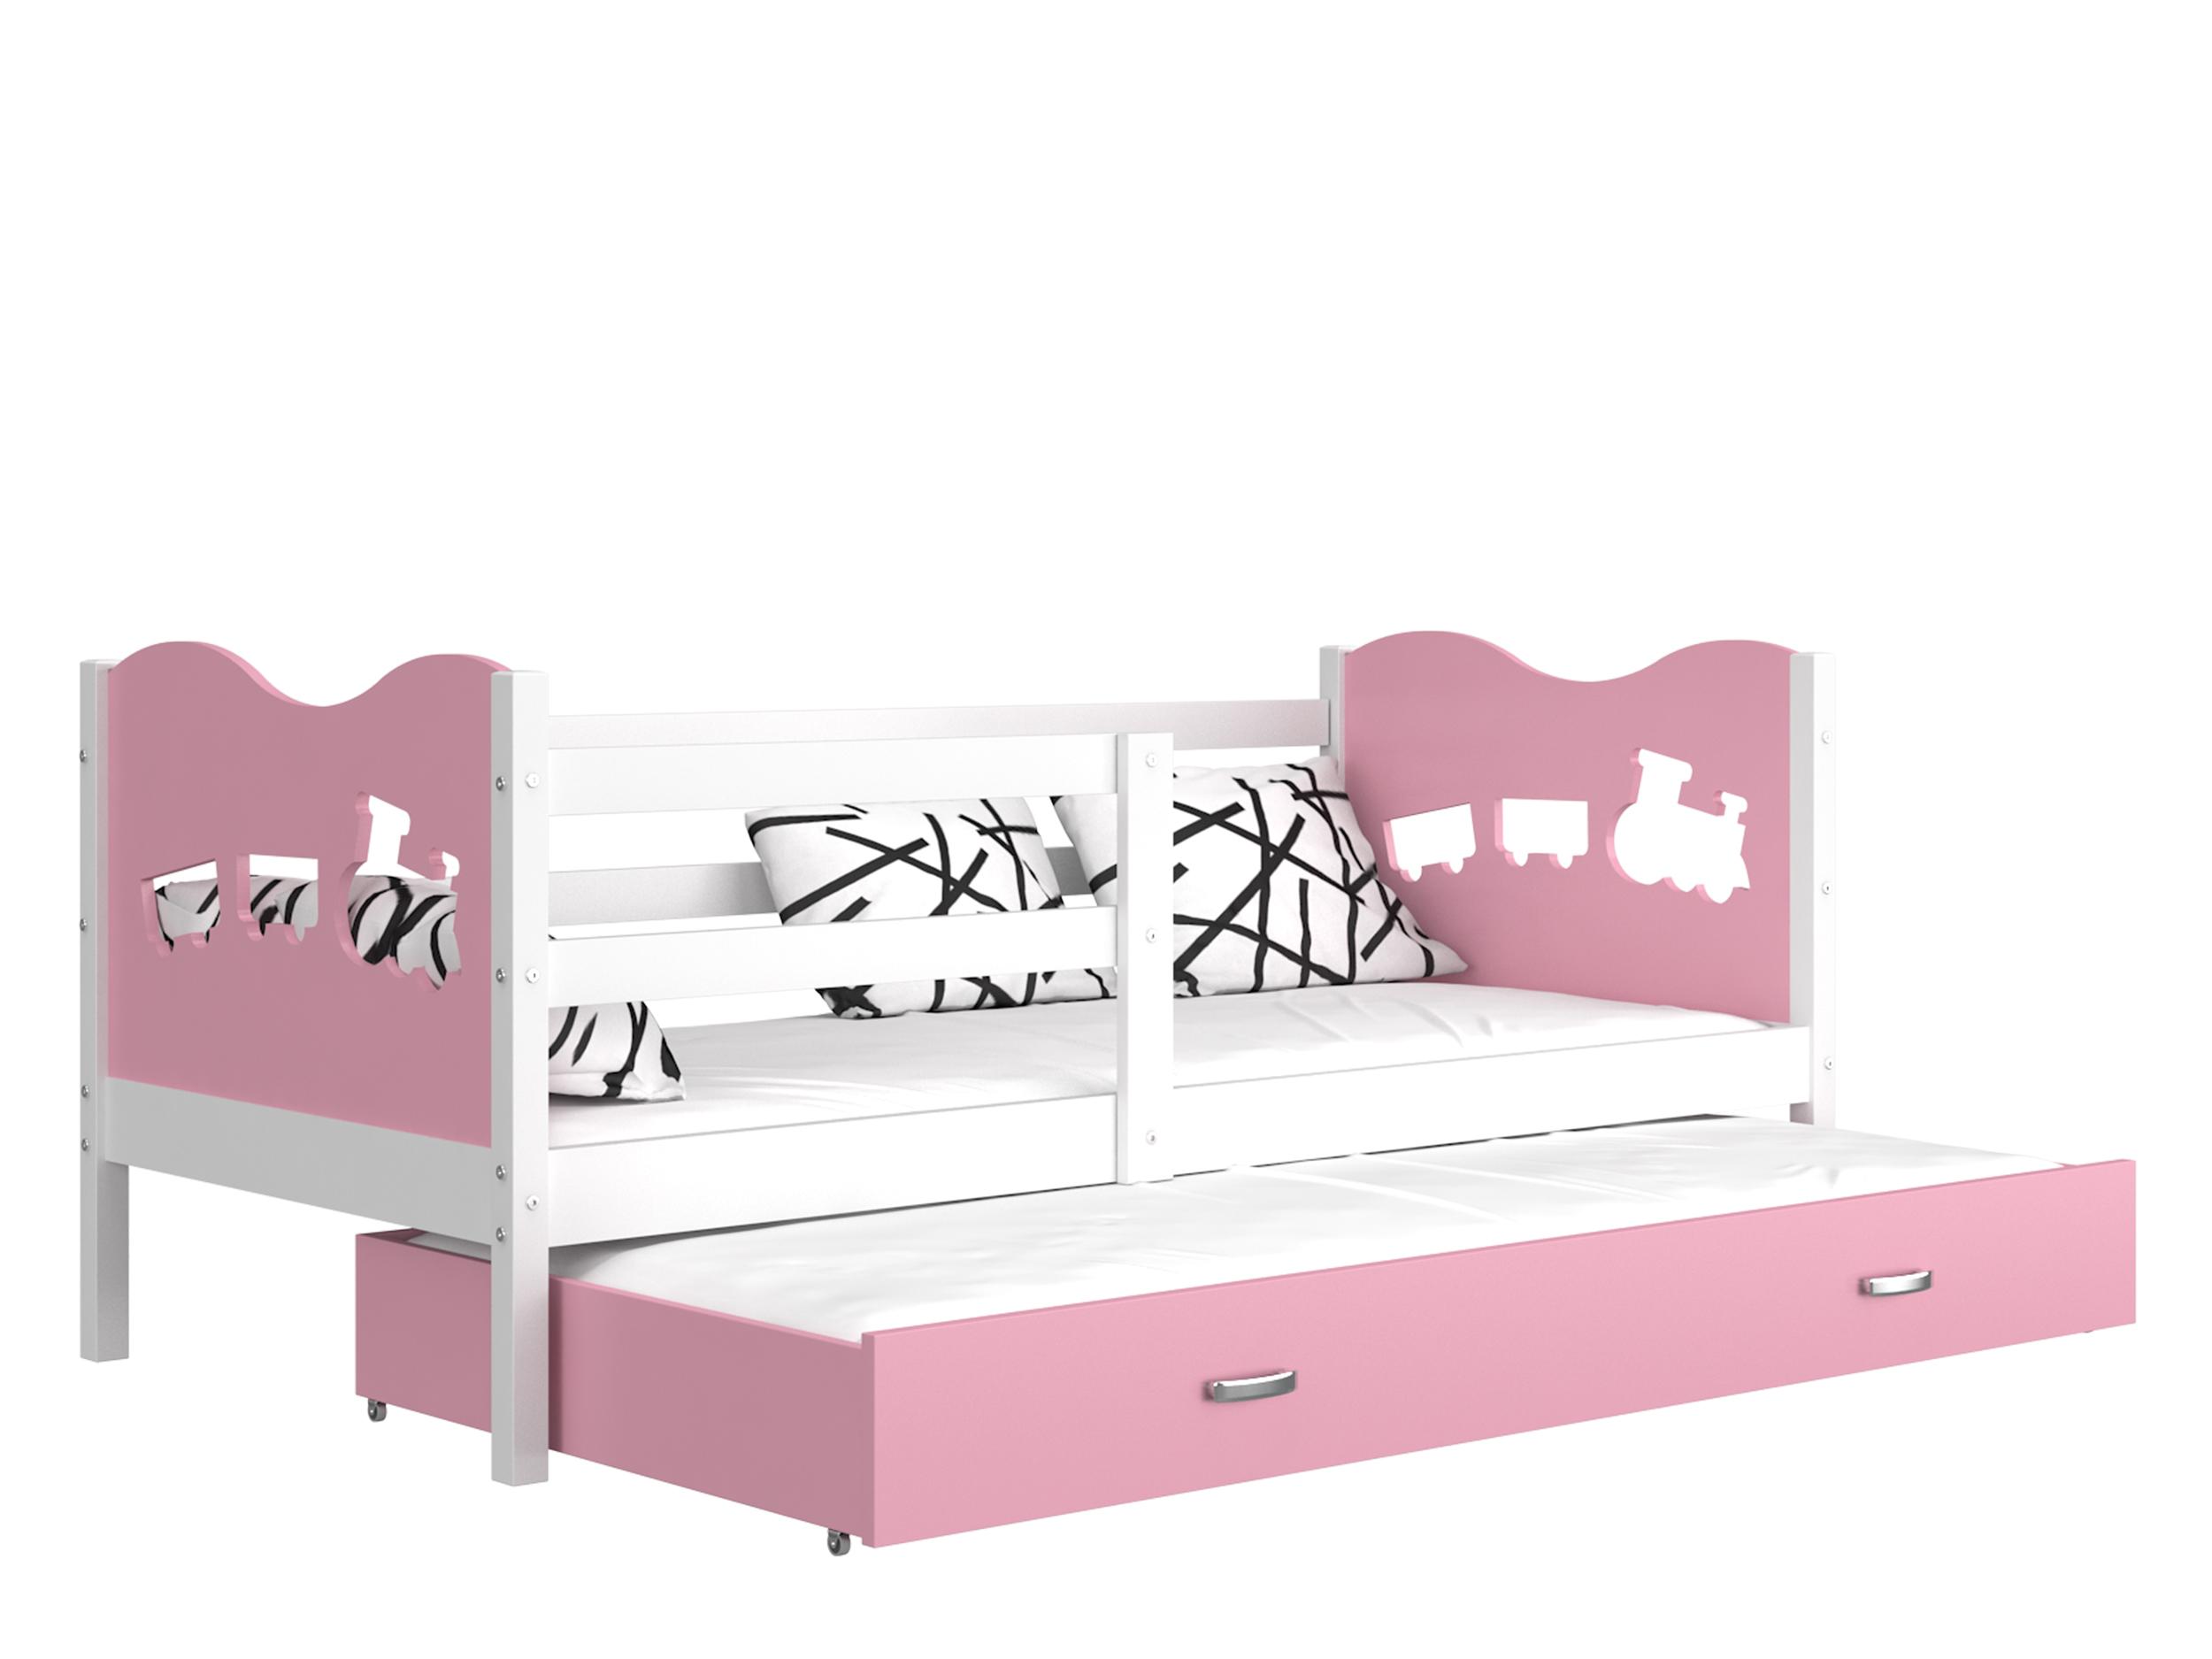 ArtAJ Detská posteľ MAX P2 / MDF 200 x 90 cm Farba: biela / ružová 200 x 90 cm, s matracom